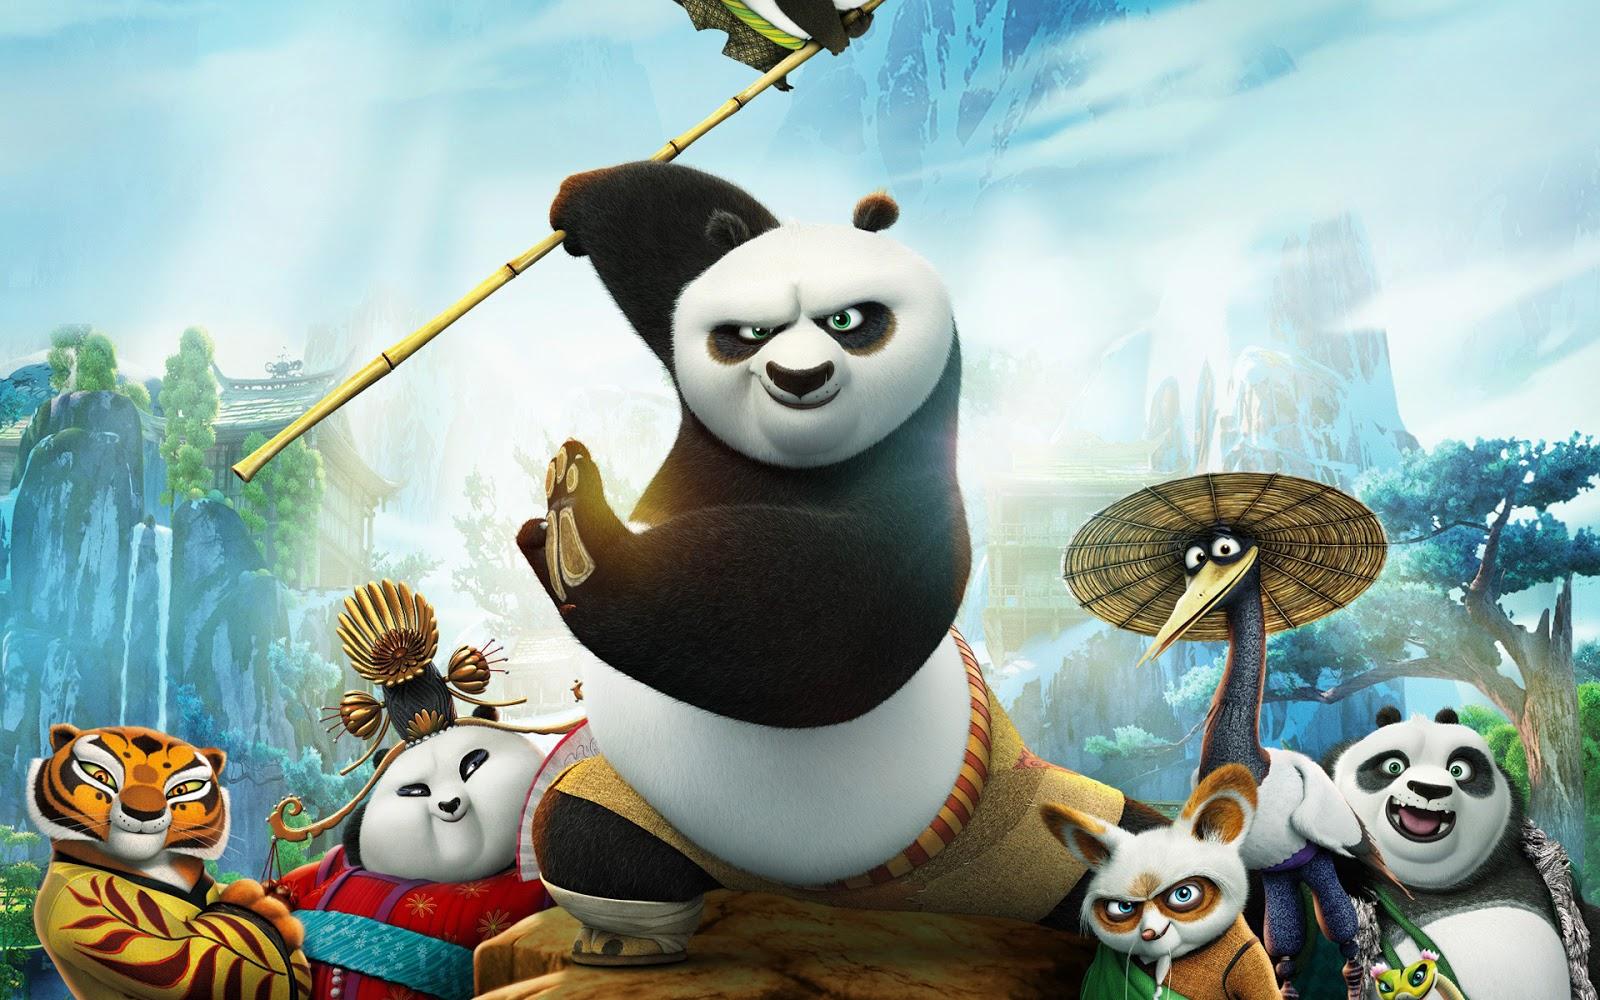 مشاهدة فيلم Kung Fu Panda 3 اون لاين مباشرة Dvd بدون تحميل